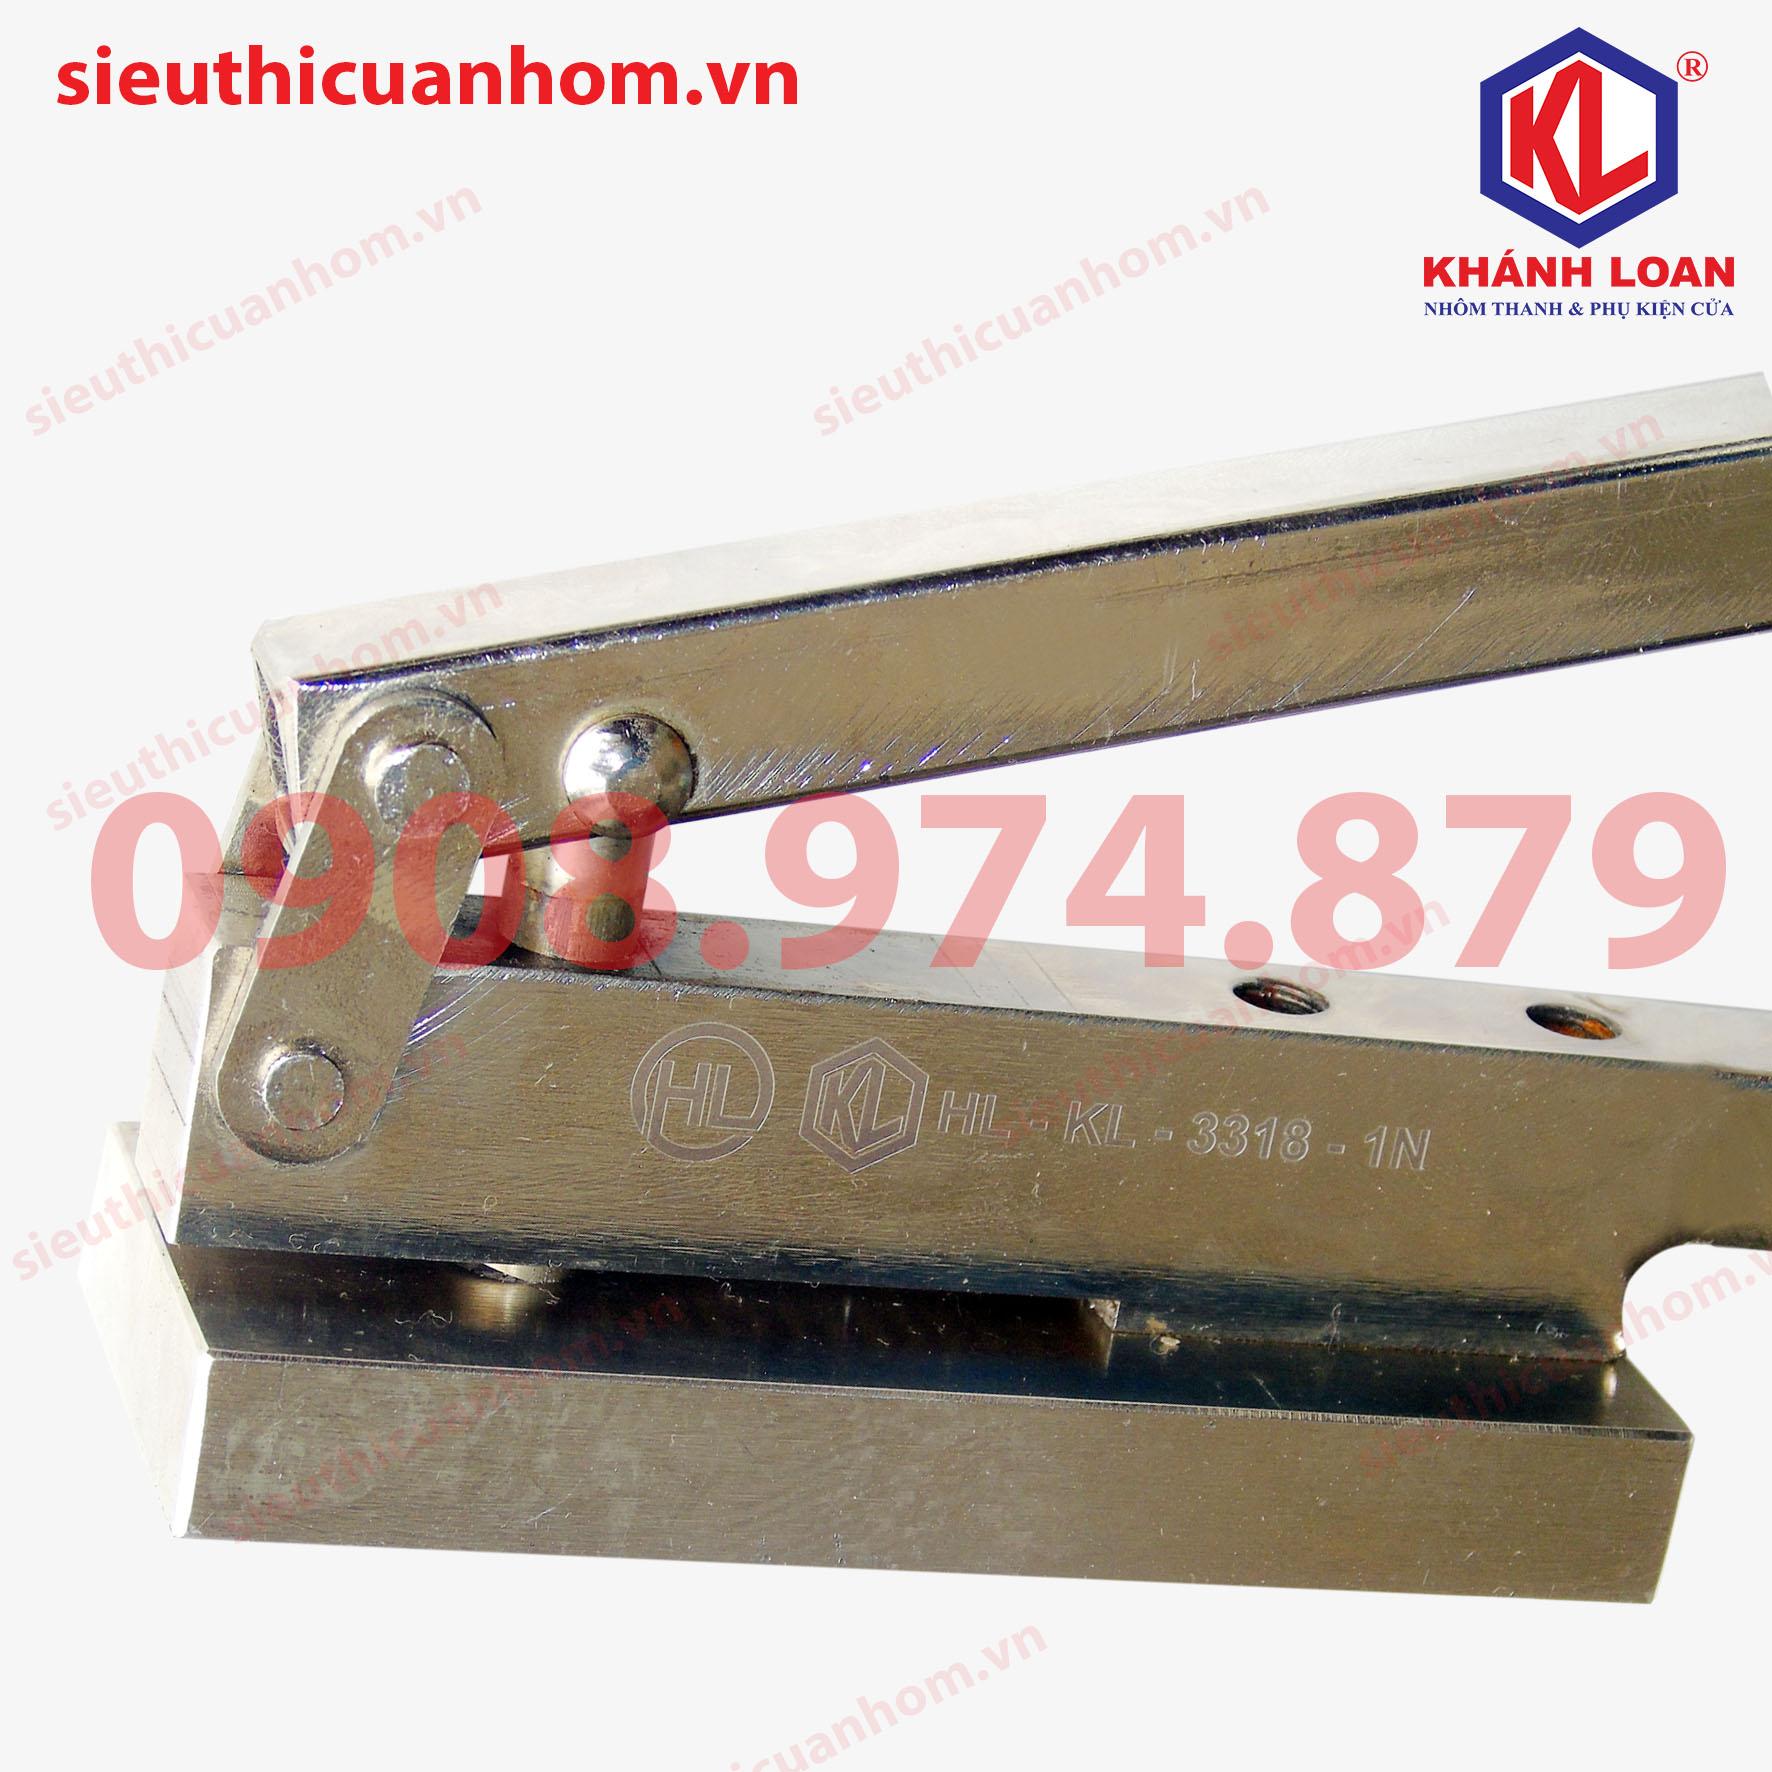 Kềm bấm ke vĩnh cửu khung bao cửa sổ mở 55 cải tiến và mạ kẽm KKVC-HL-KL-3318-1Nloại 1 nút 2 vít